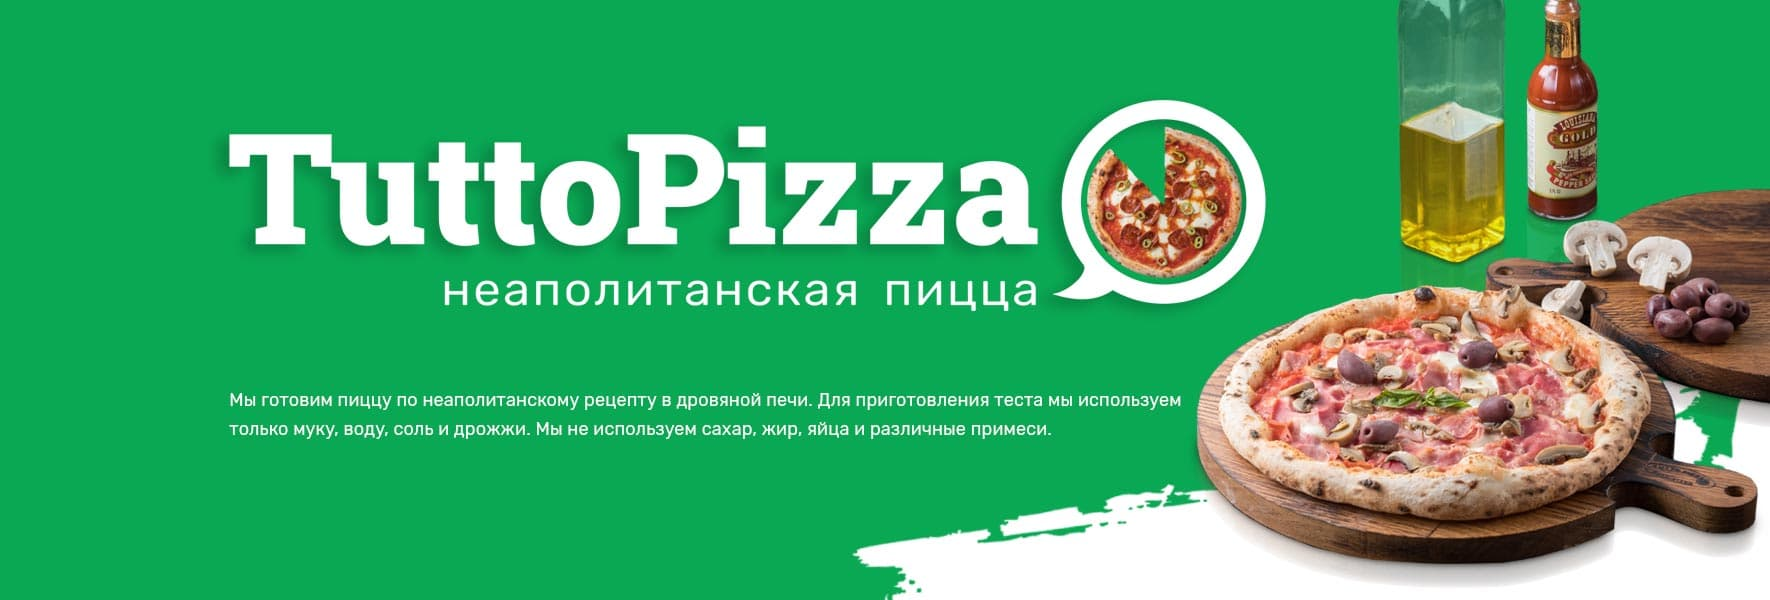 пиццерия tutto pizza